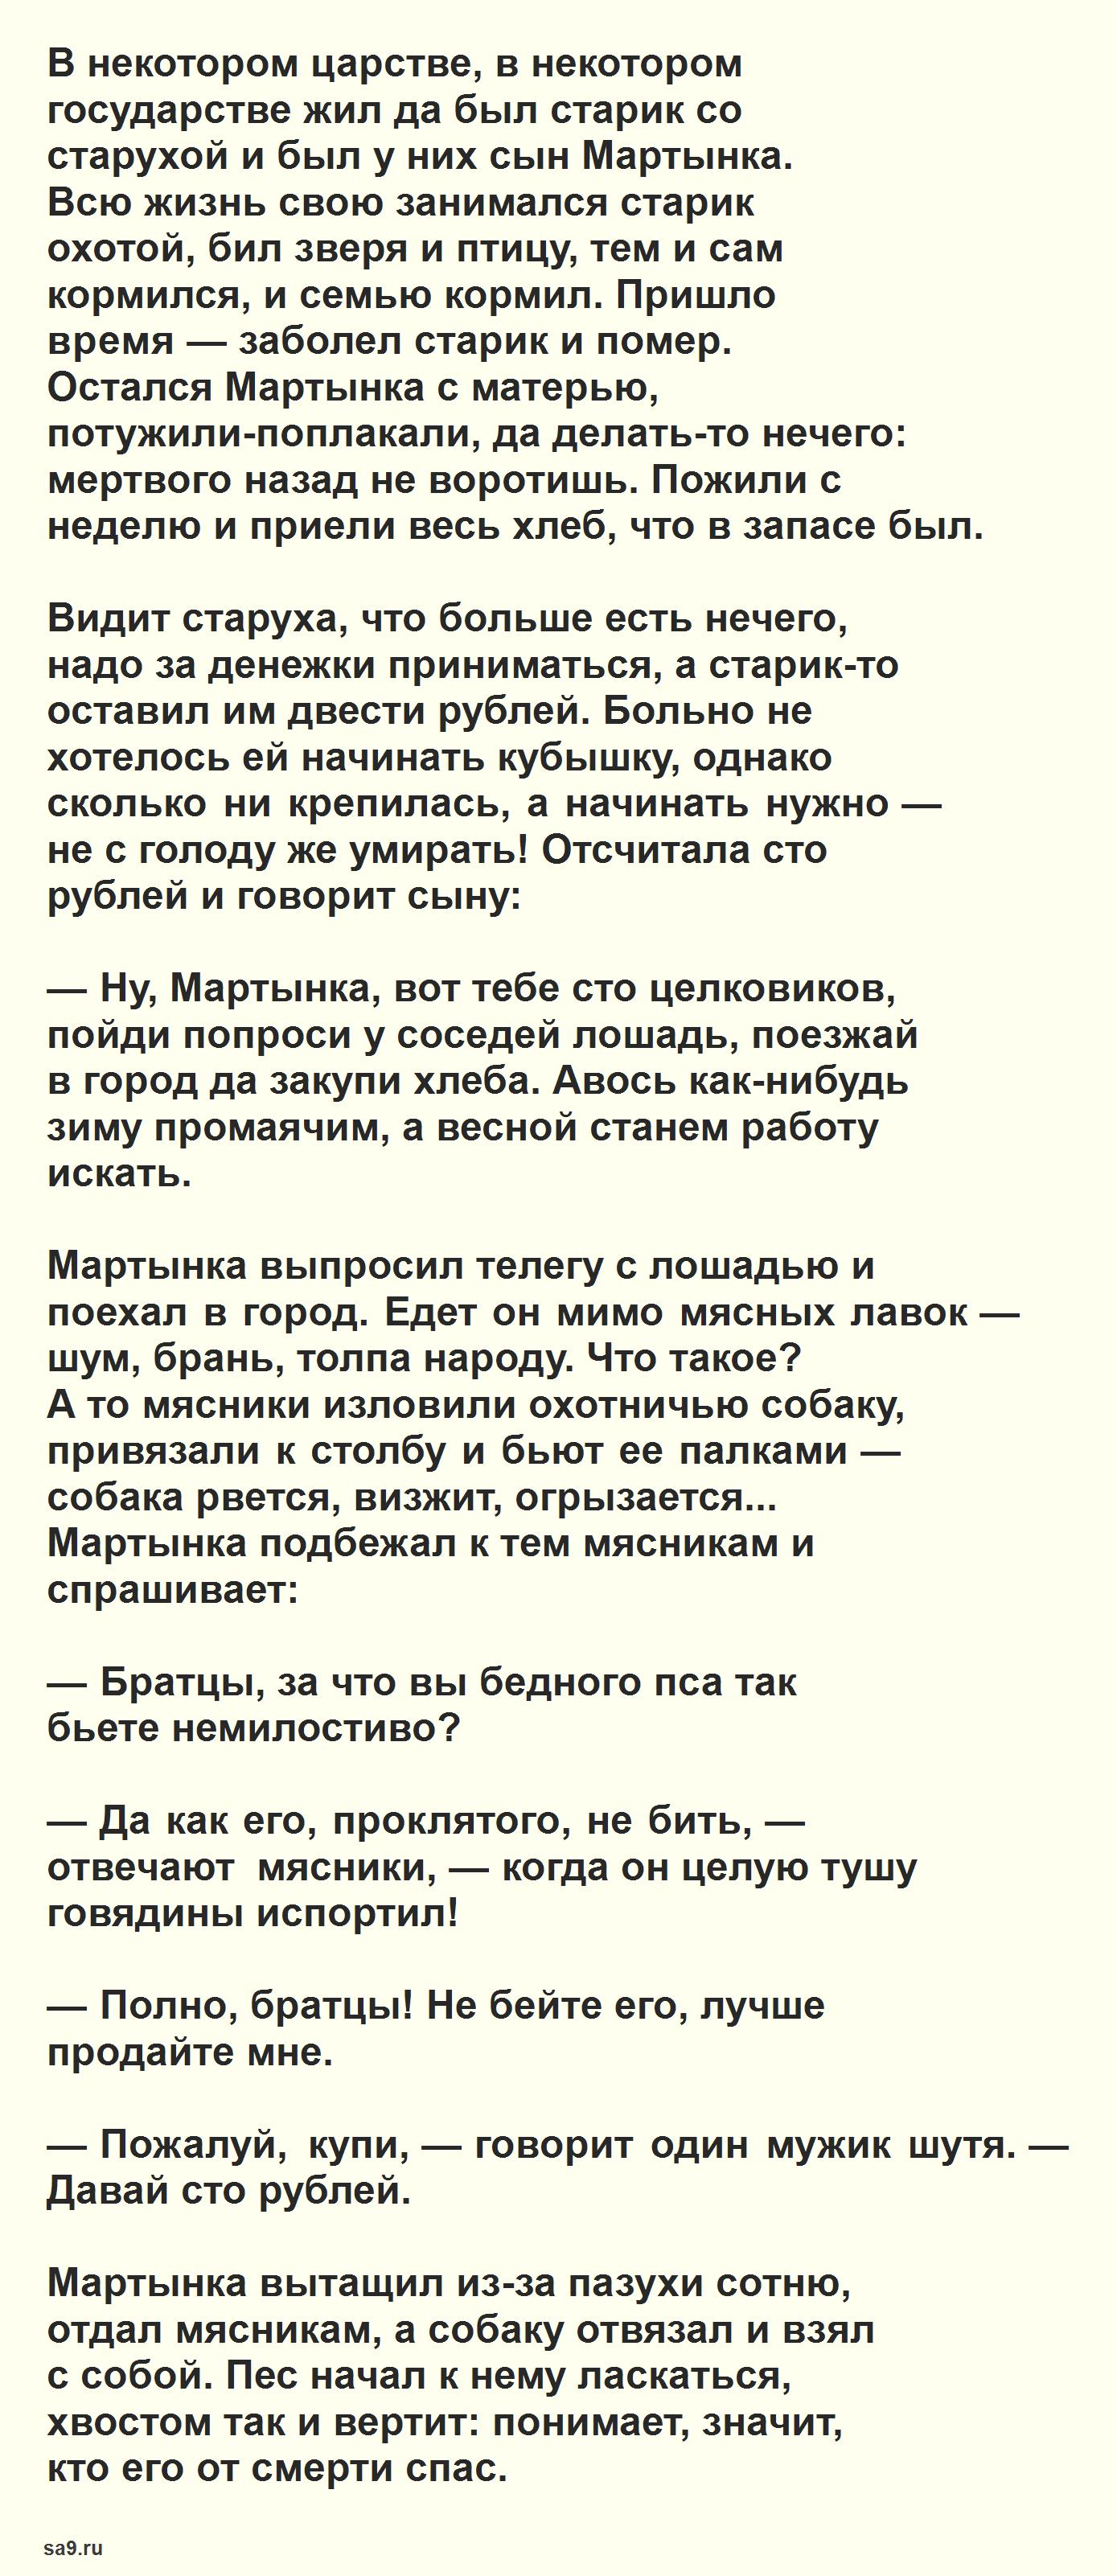 Волшебное кольцо - русская народная сказка